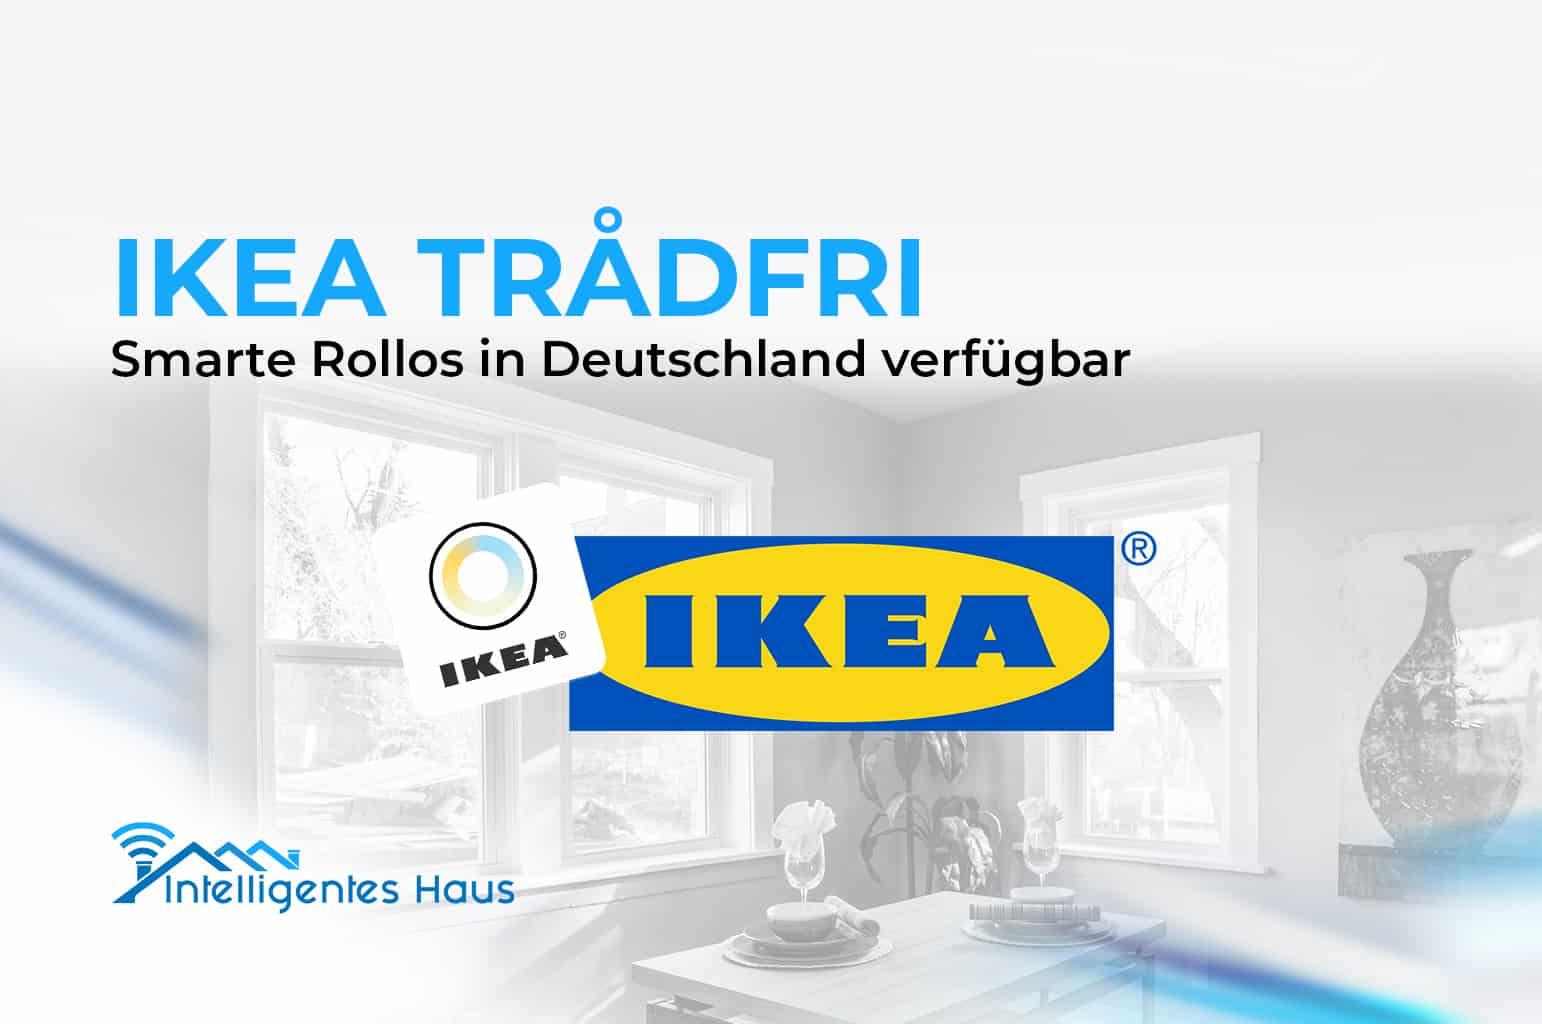 Laufschuhe seriöse Seite Luxusmode IKEA bringt smarte Rollos der TRÅDFRI-Reihe auf den Markt